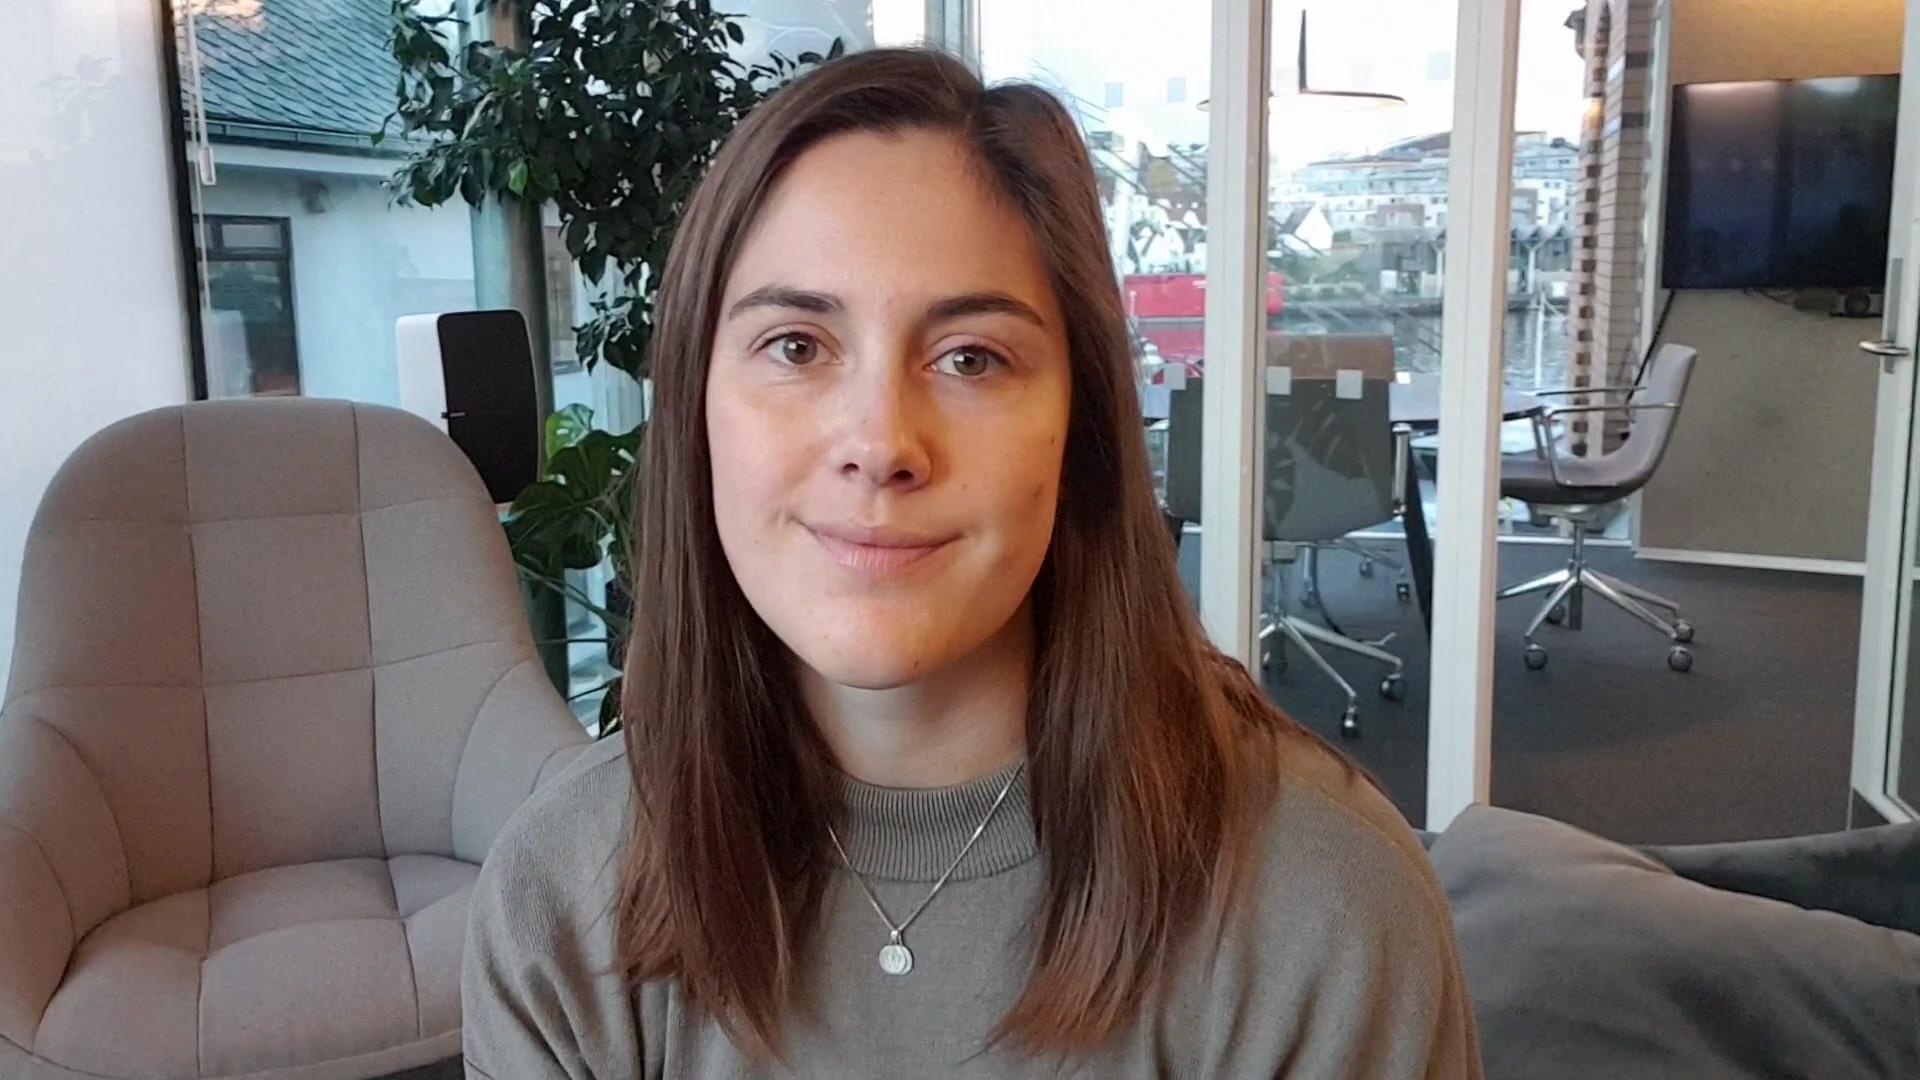 Slik er det å jobbe som Digital markedsfører og Innholdsrådgiver i Leadify - Charlotte Kleming